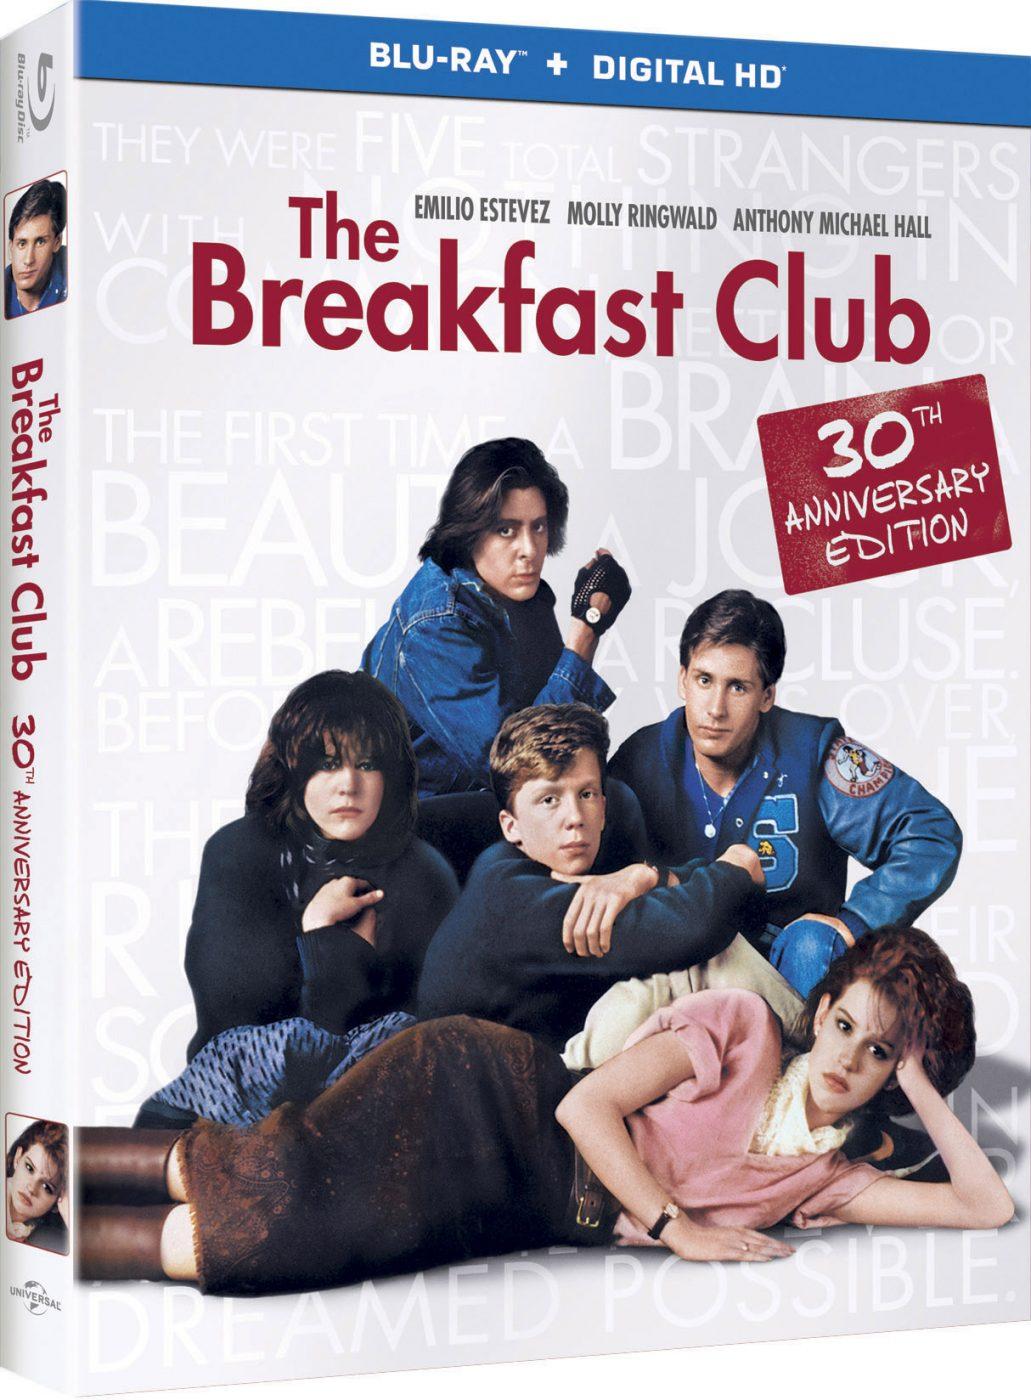 the-breakfast-club-30th-anniversary-blu-ray-dvd-NEW-3d-box-art_rgb